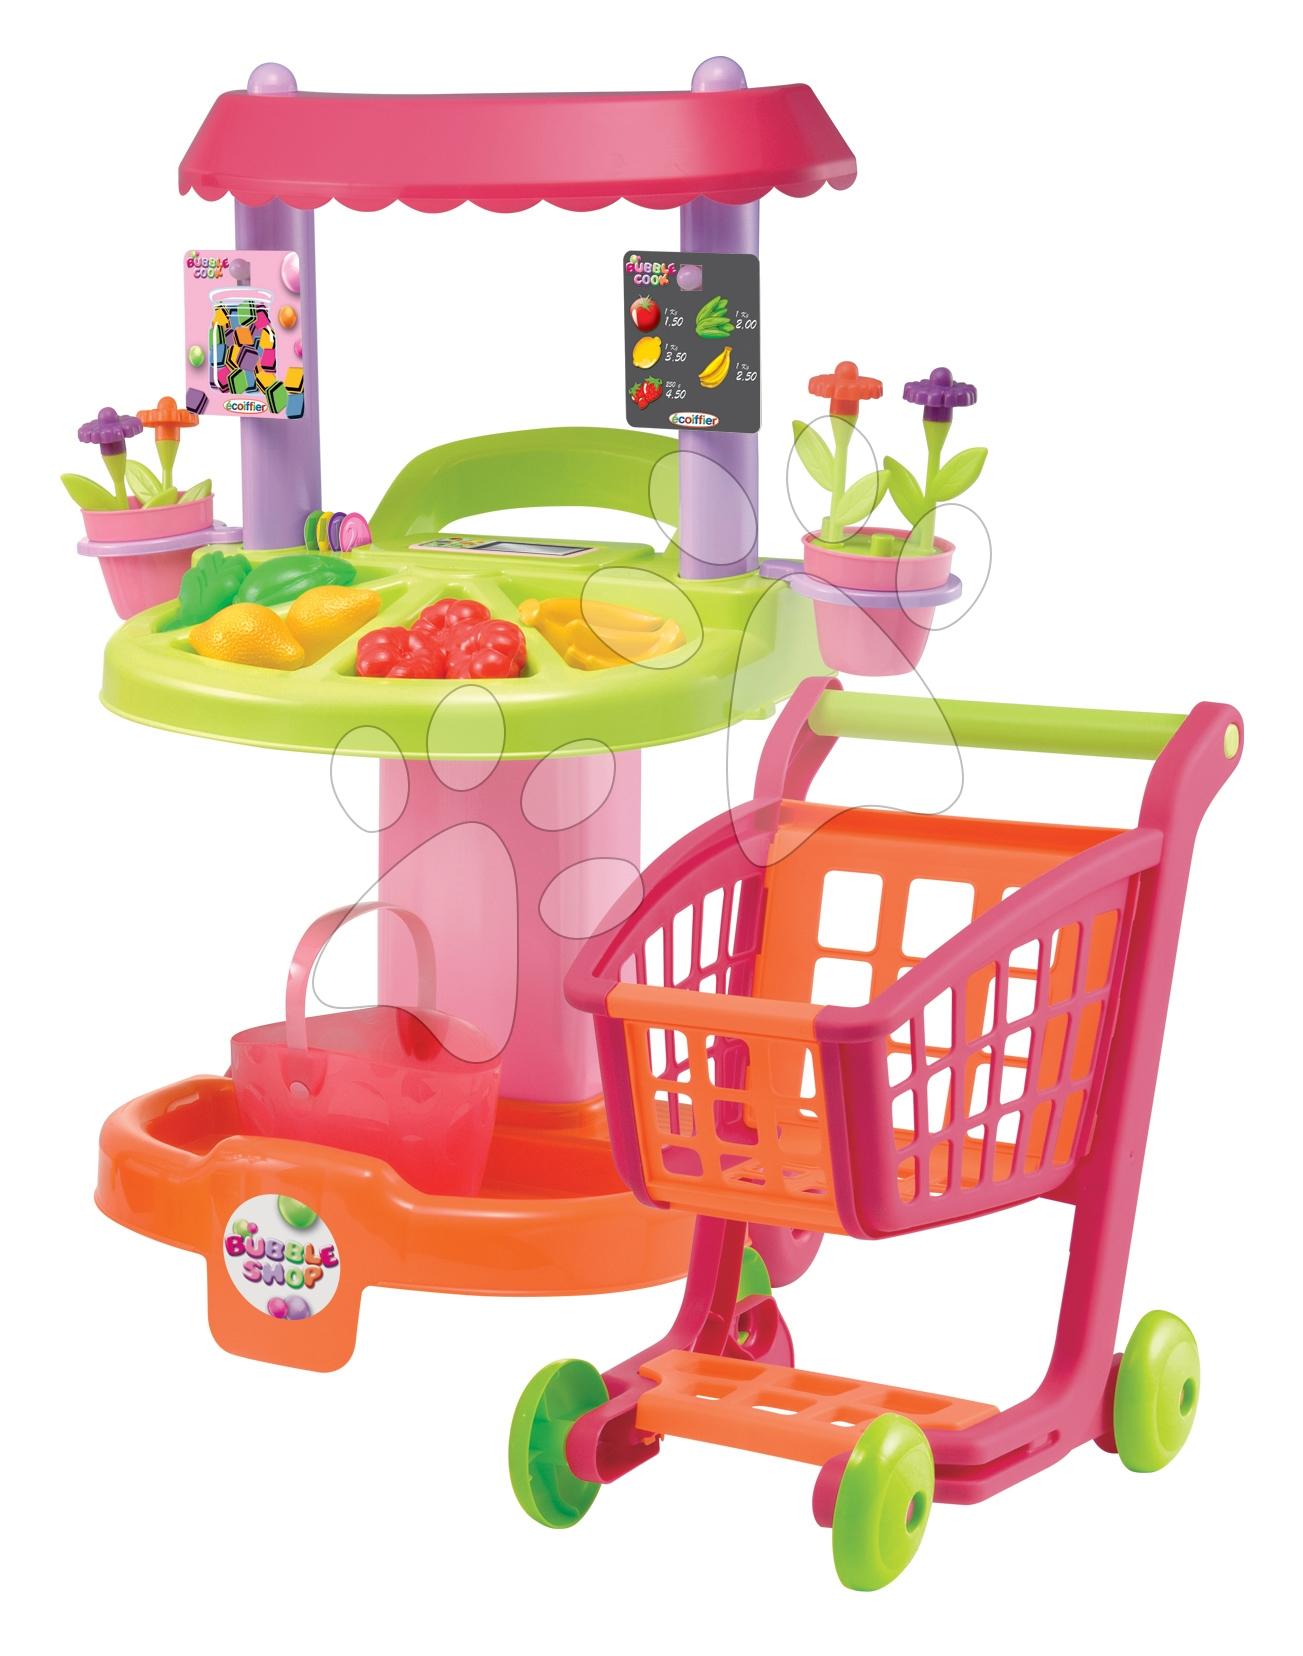 Supermarteturi pentru copii - Stand Bubble Shop Écoiffier cu legume, flori, cărucior de cumpărături şi cu 29 de accesorii de la 18 luni